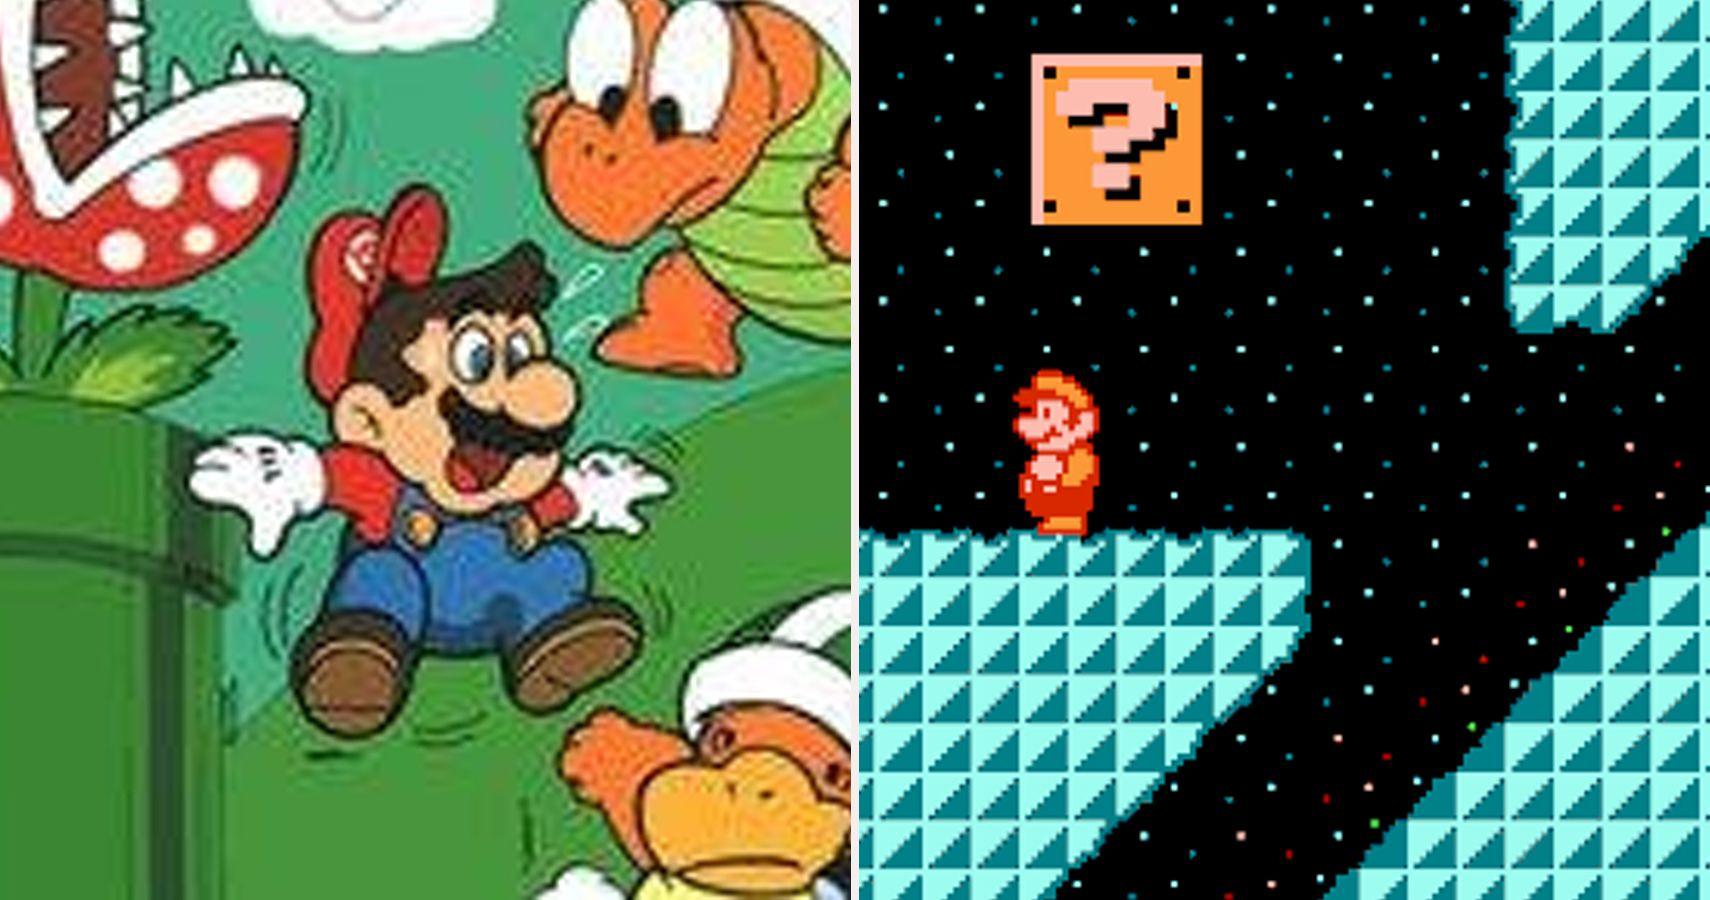 Super Mario Bros 3 Crazy Things You Had No Idea About